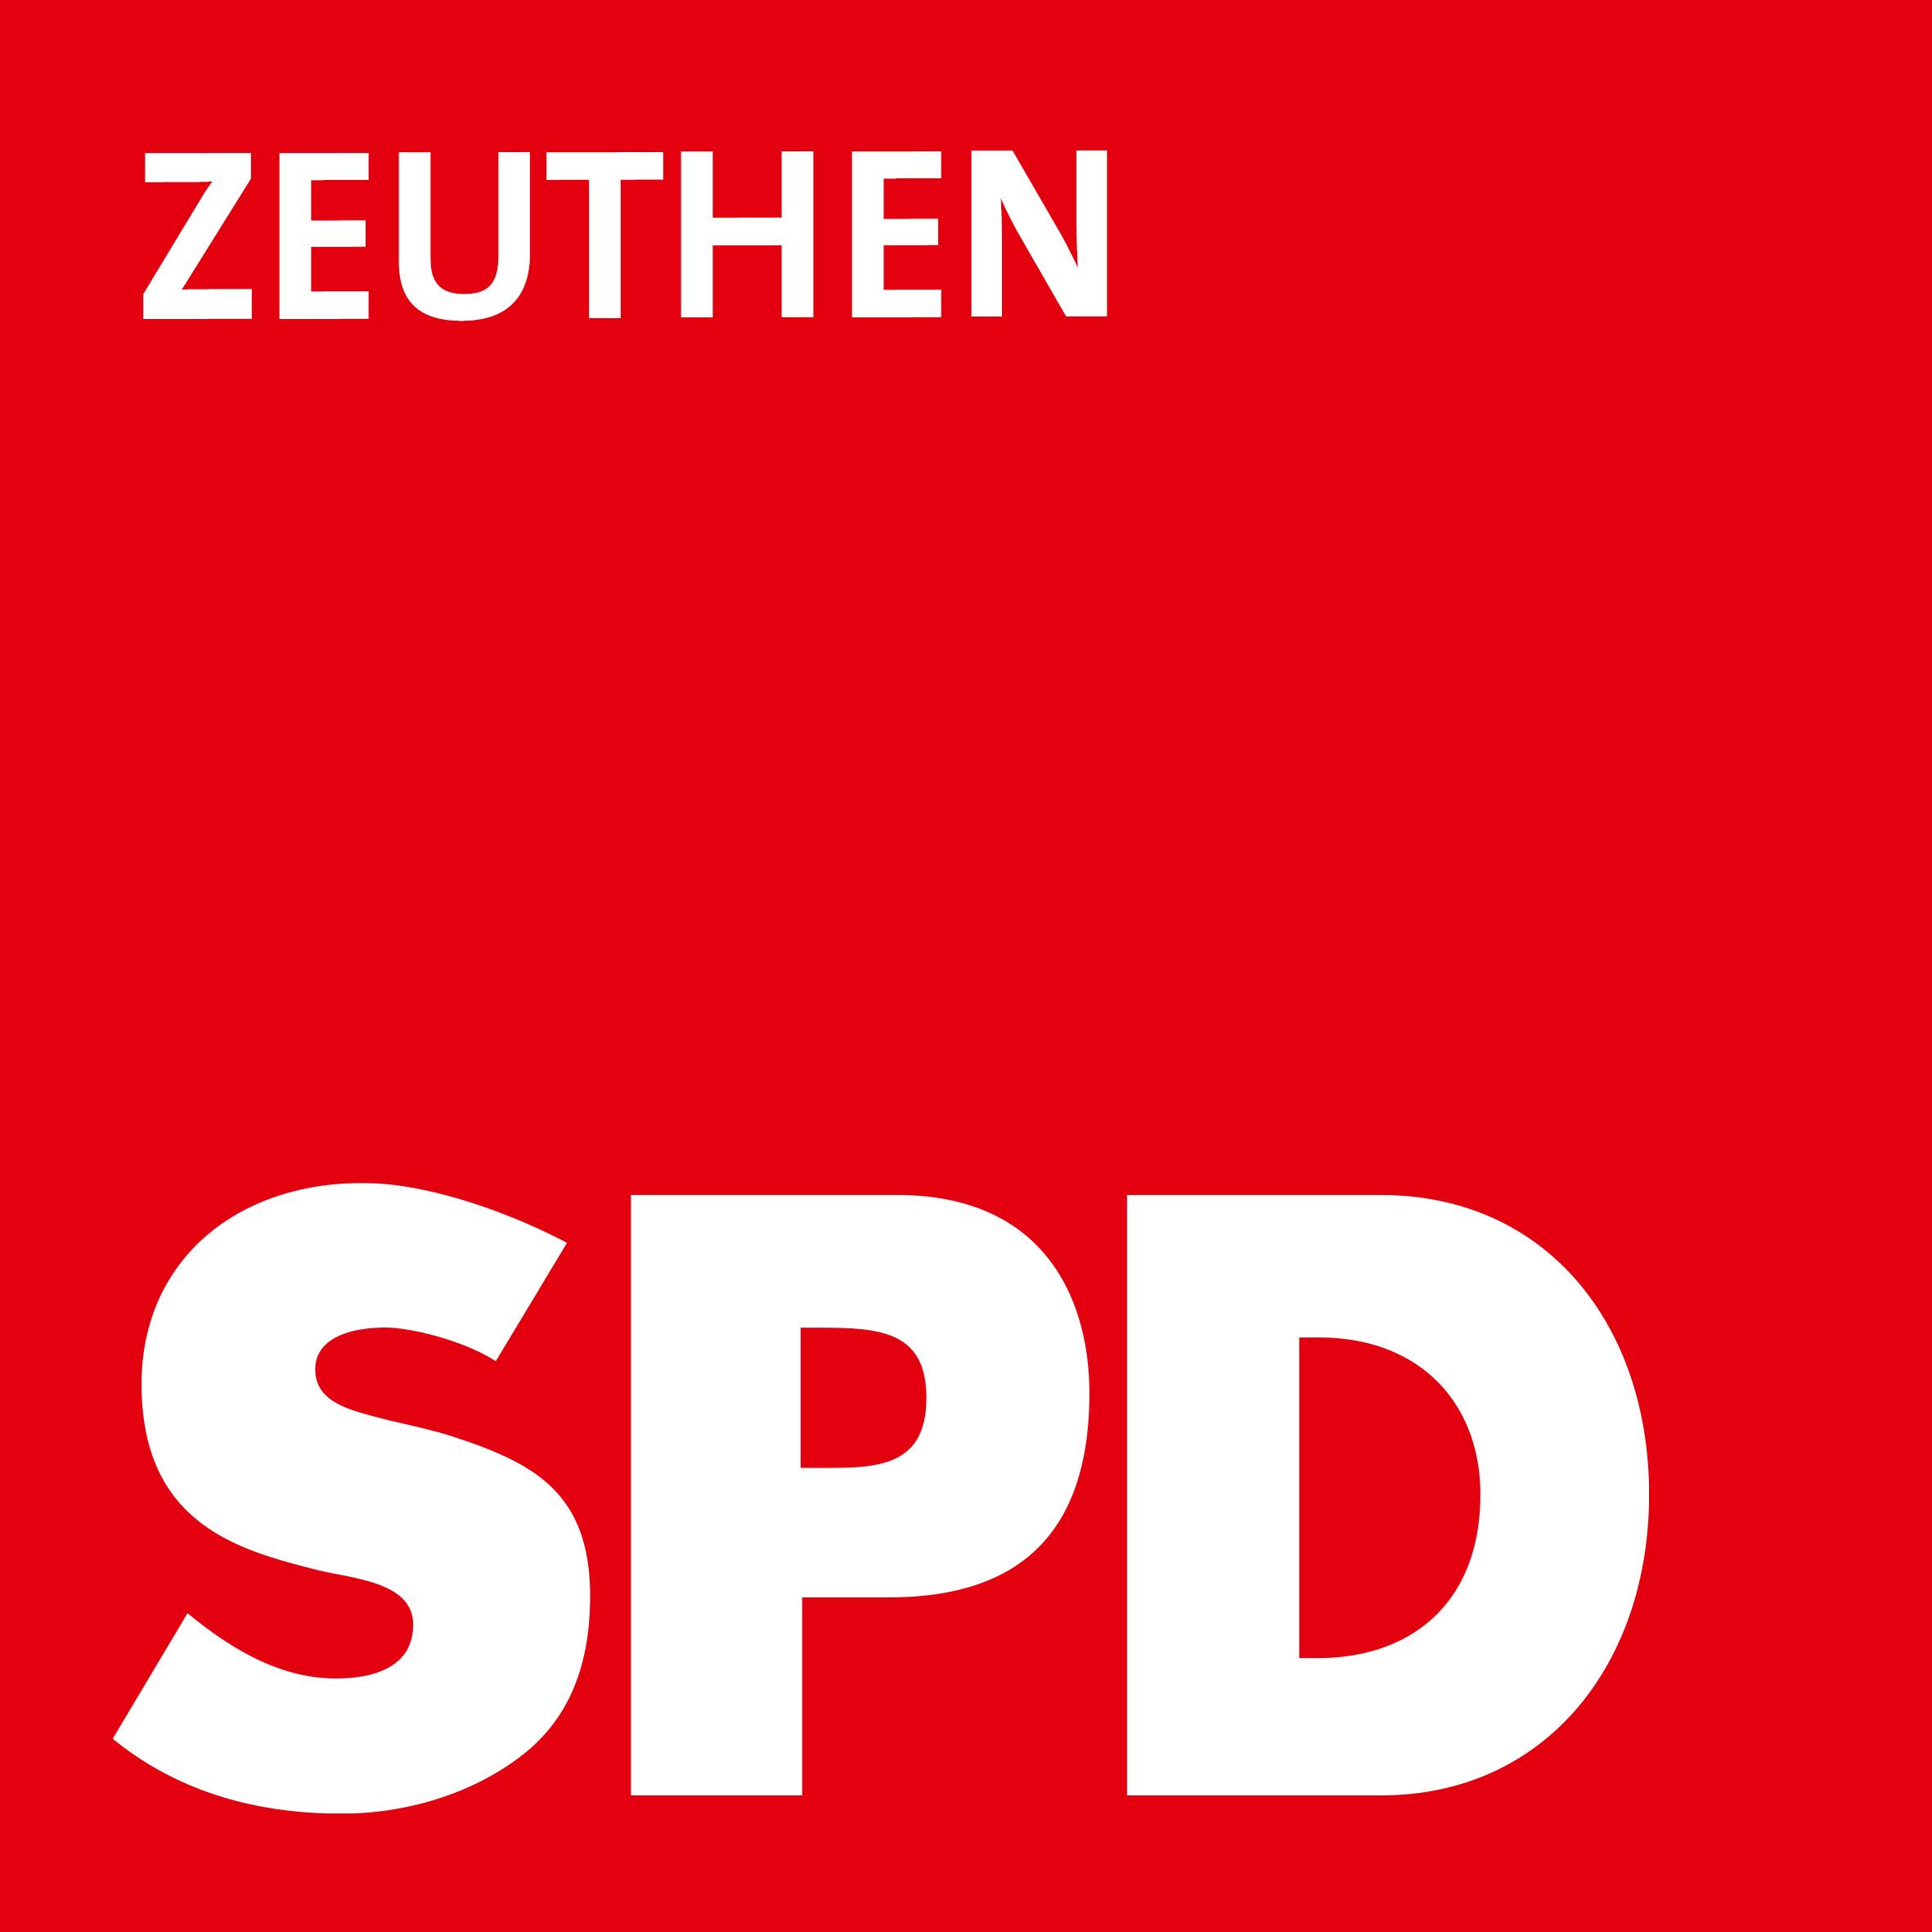 SPD Zeuthen